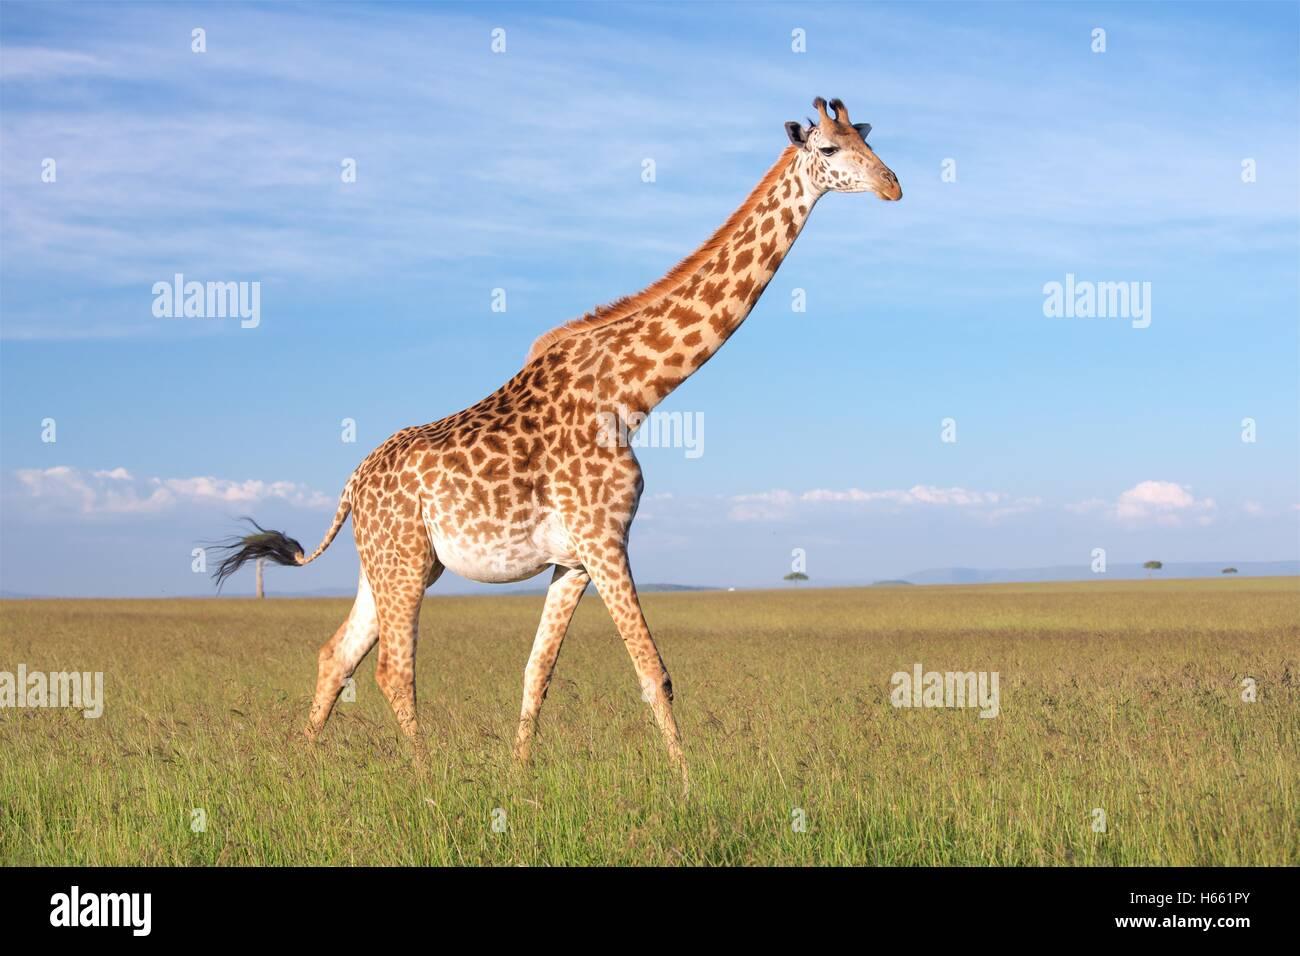 Giraffe on the savannah on safari in Masai Mara, Kenya. - Stock Image